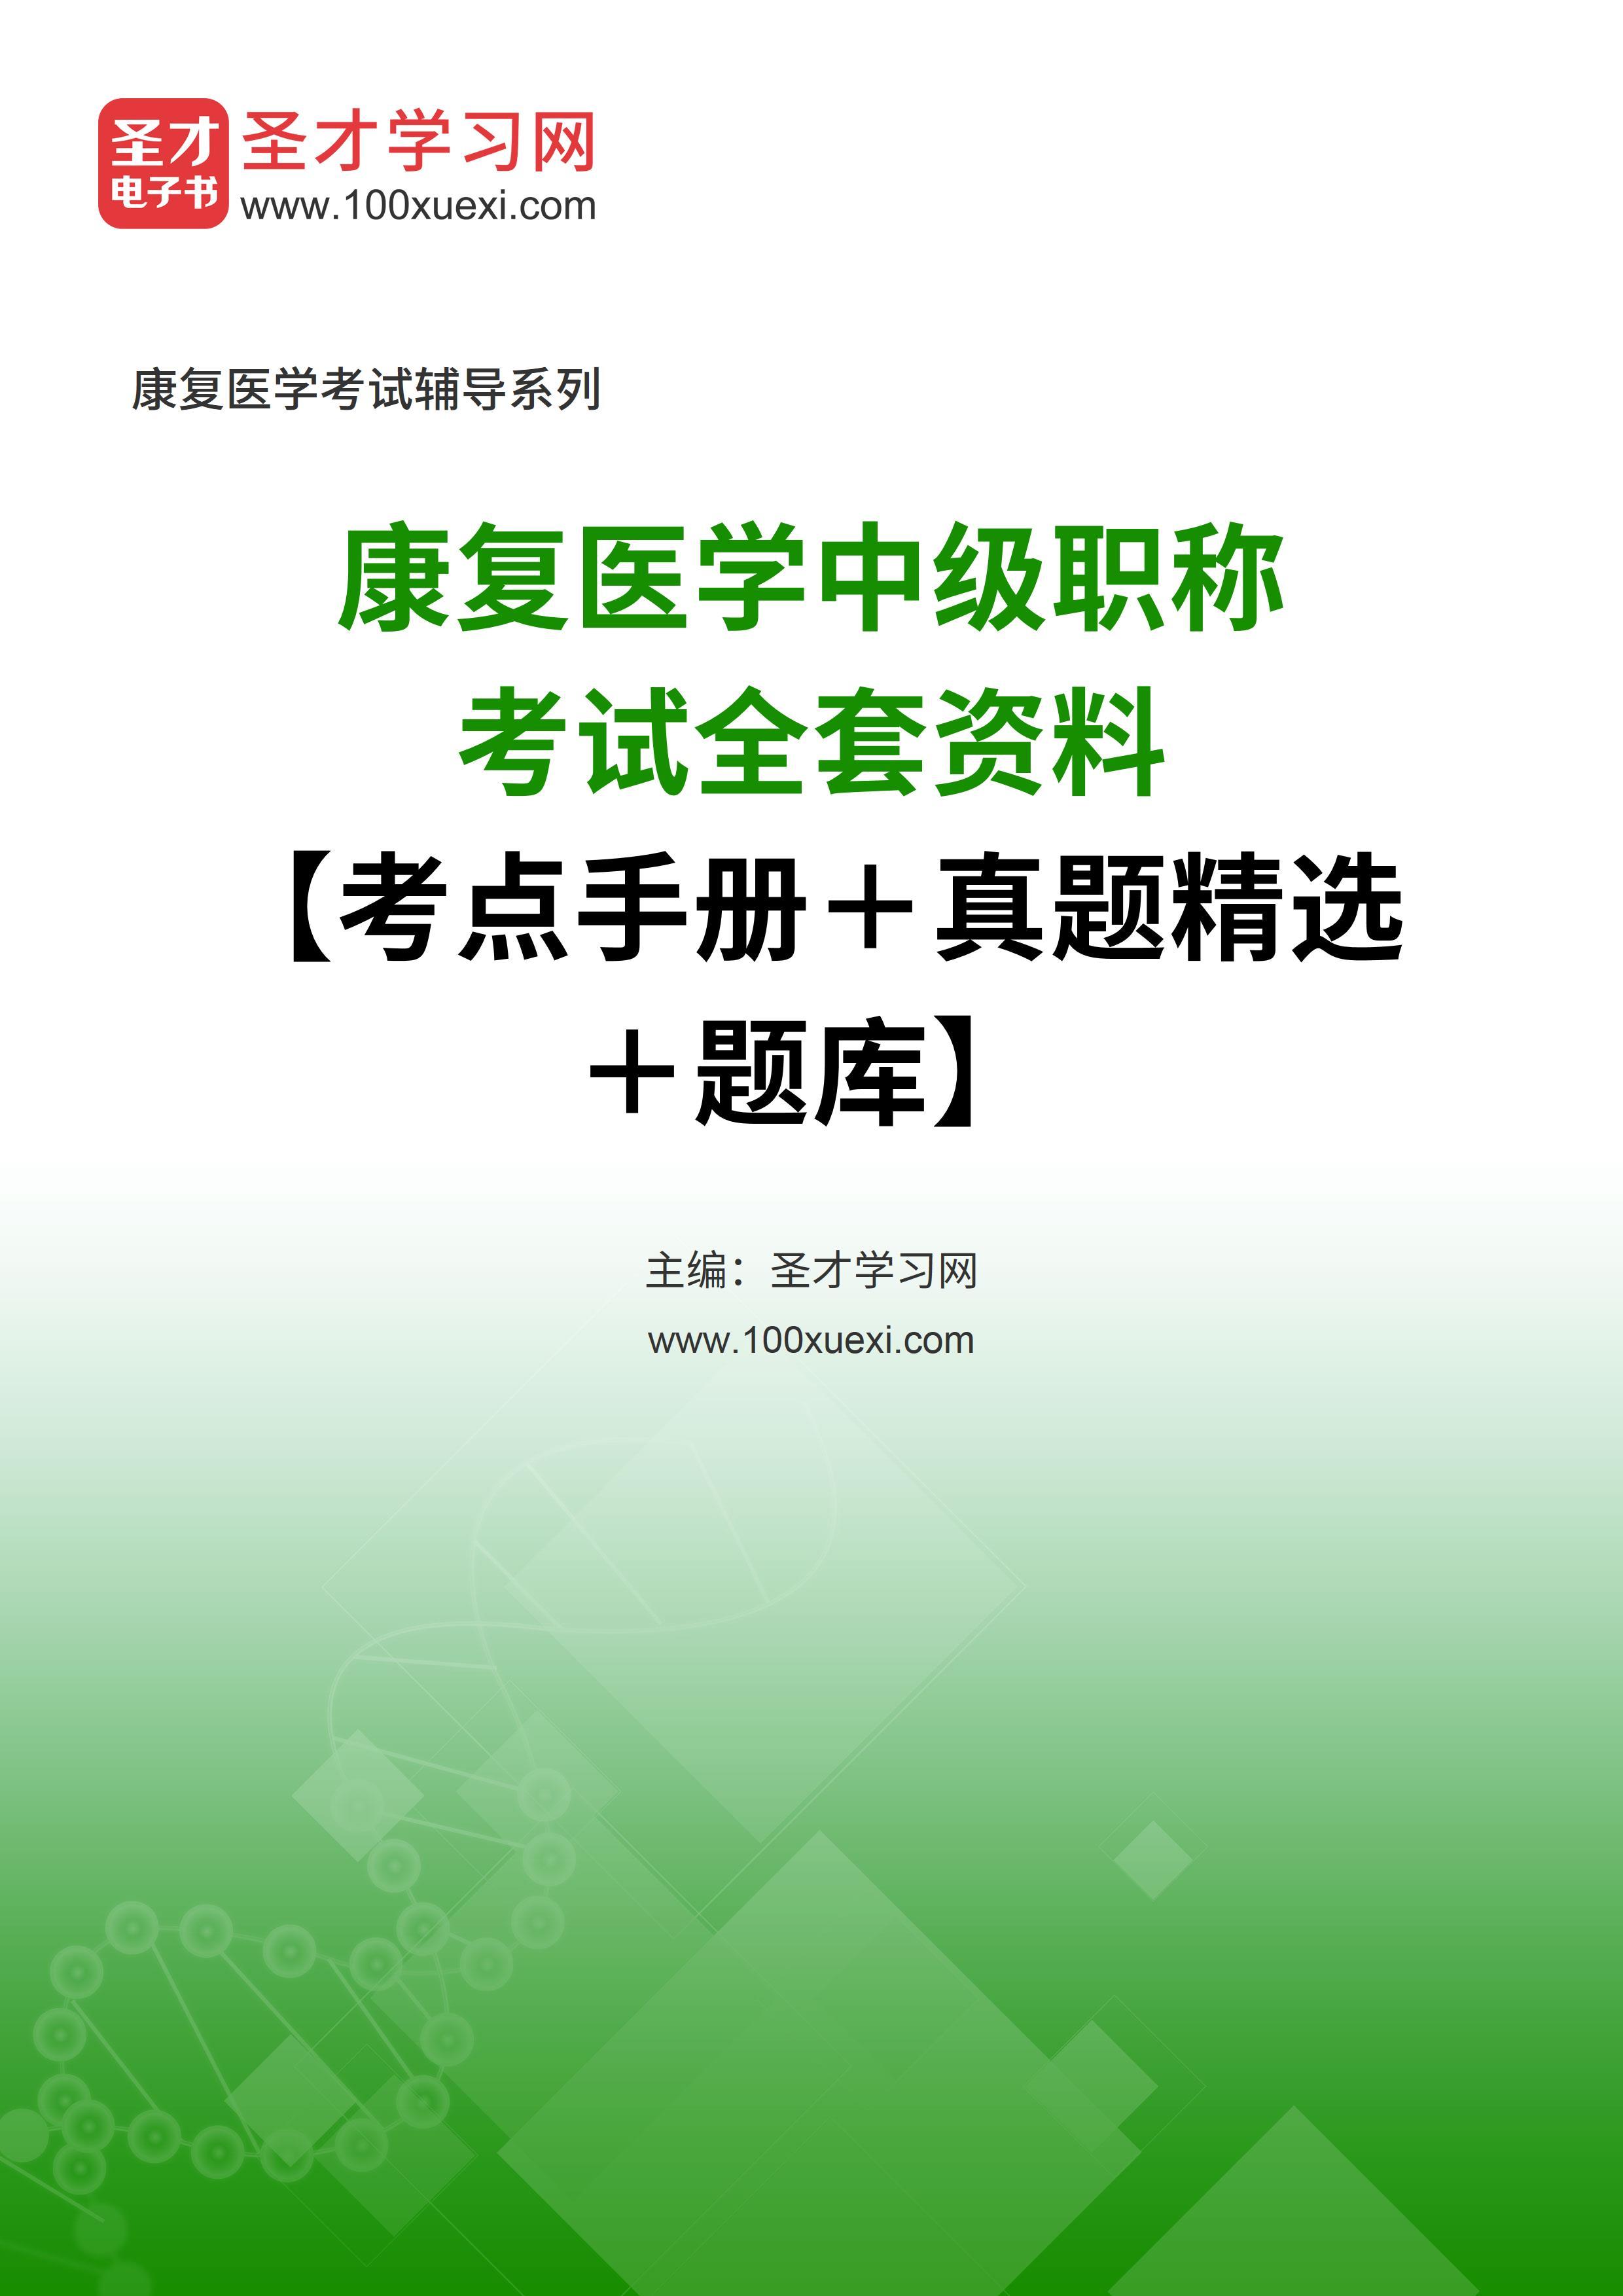 2022年康复医学中级职称考试全套资料【考点手册+真题精选+题库】